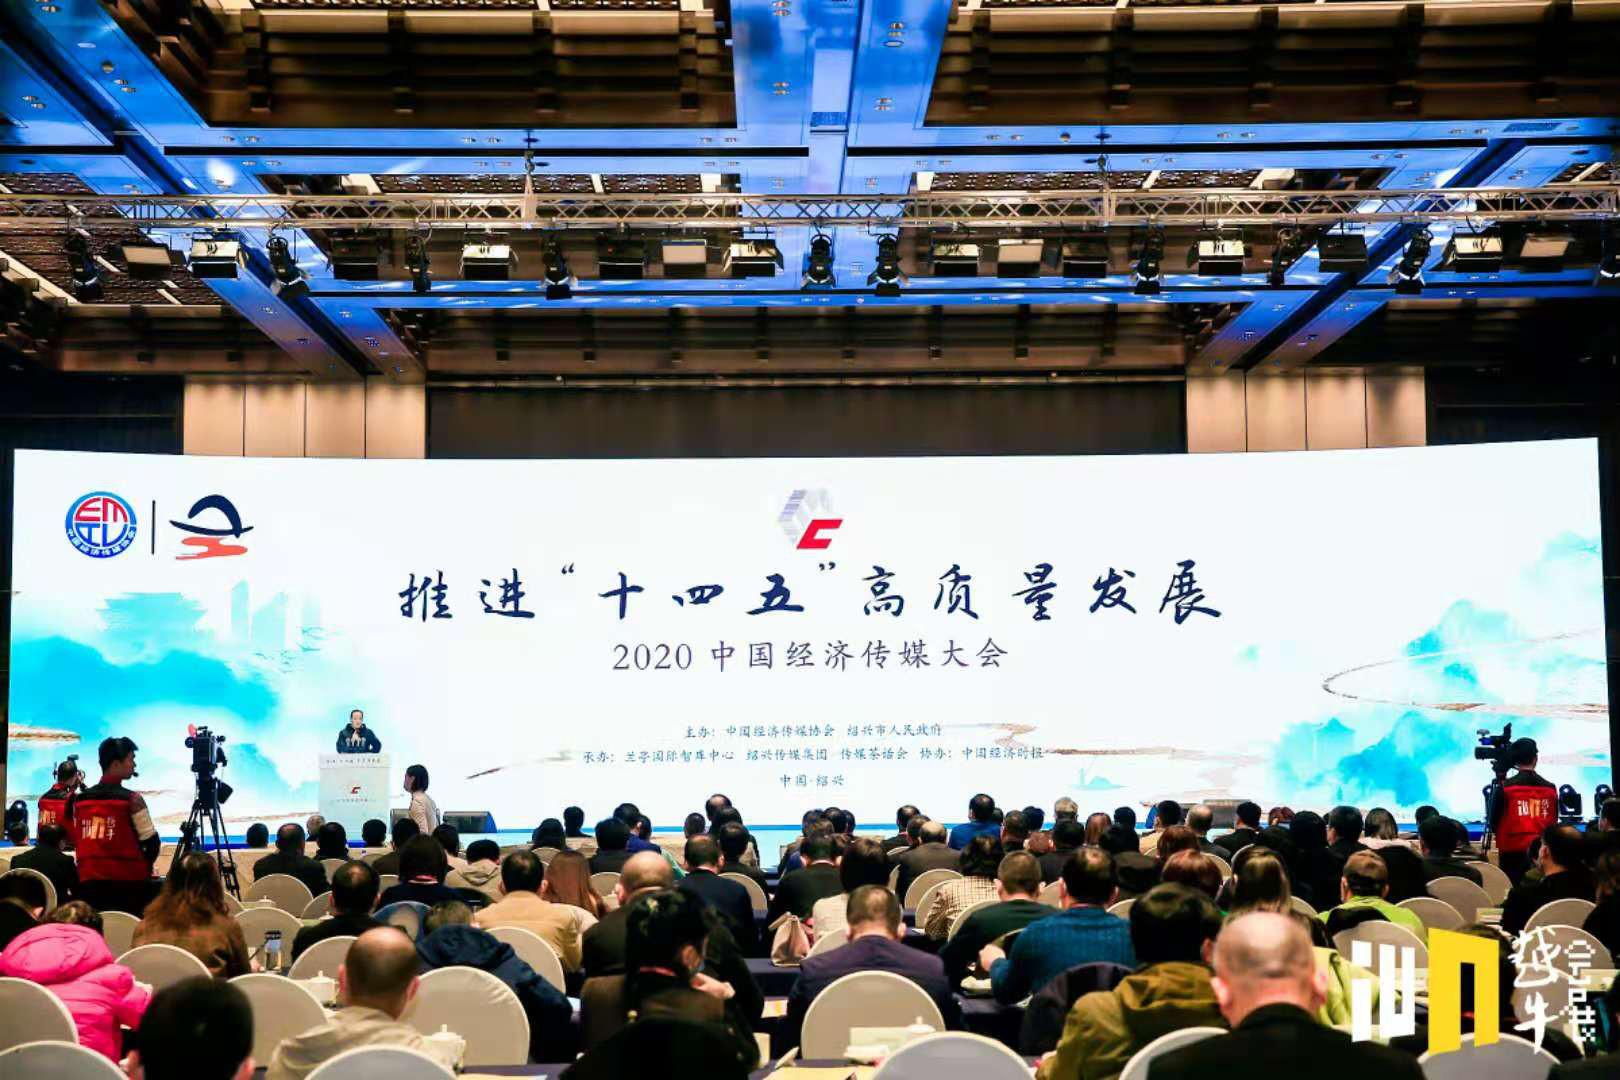 2020中国经济传媒大会召开 中国证券报三项作品获一等奖